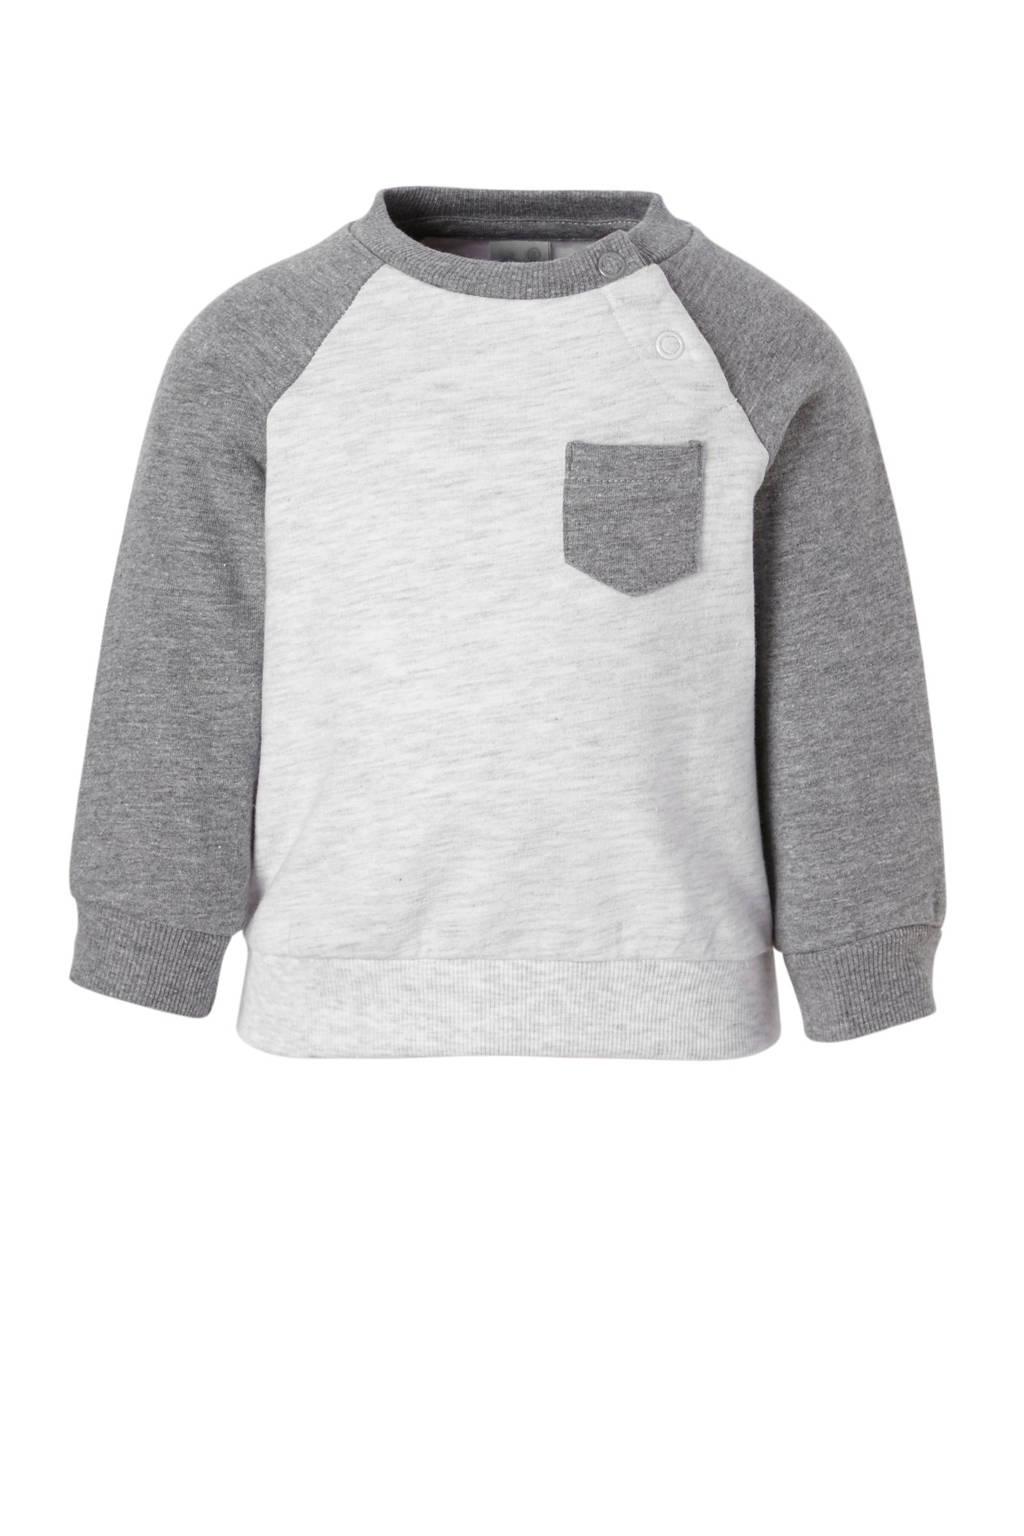 C&A Baby Club baby sweater grijs, Grijs